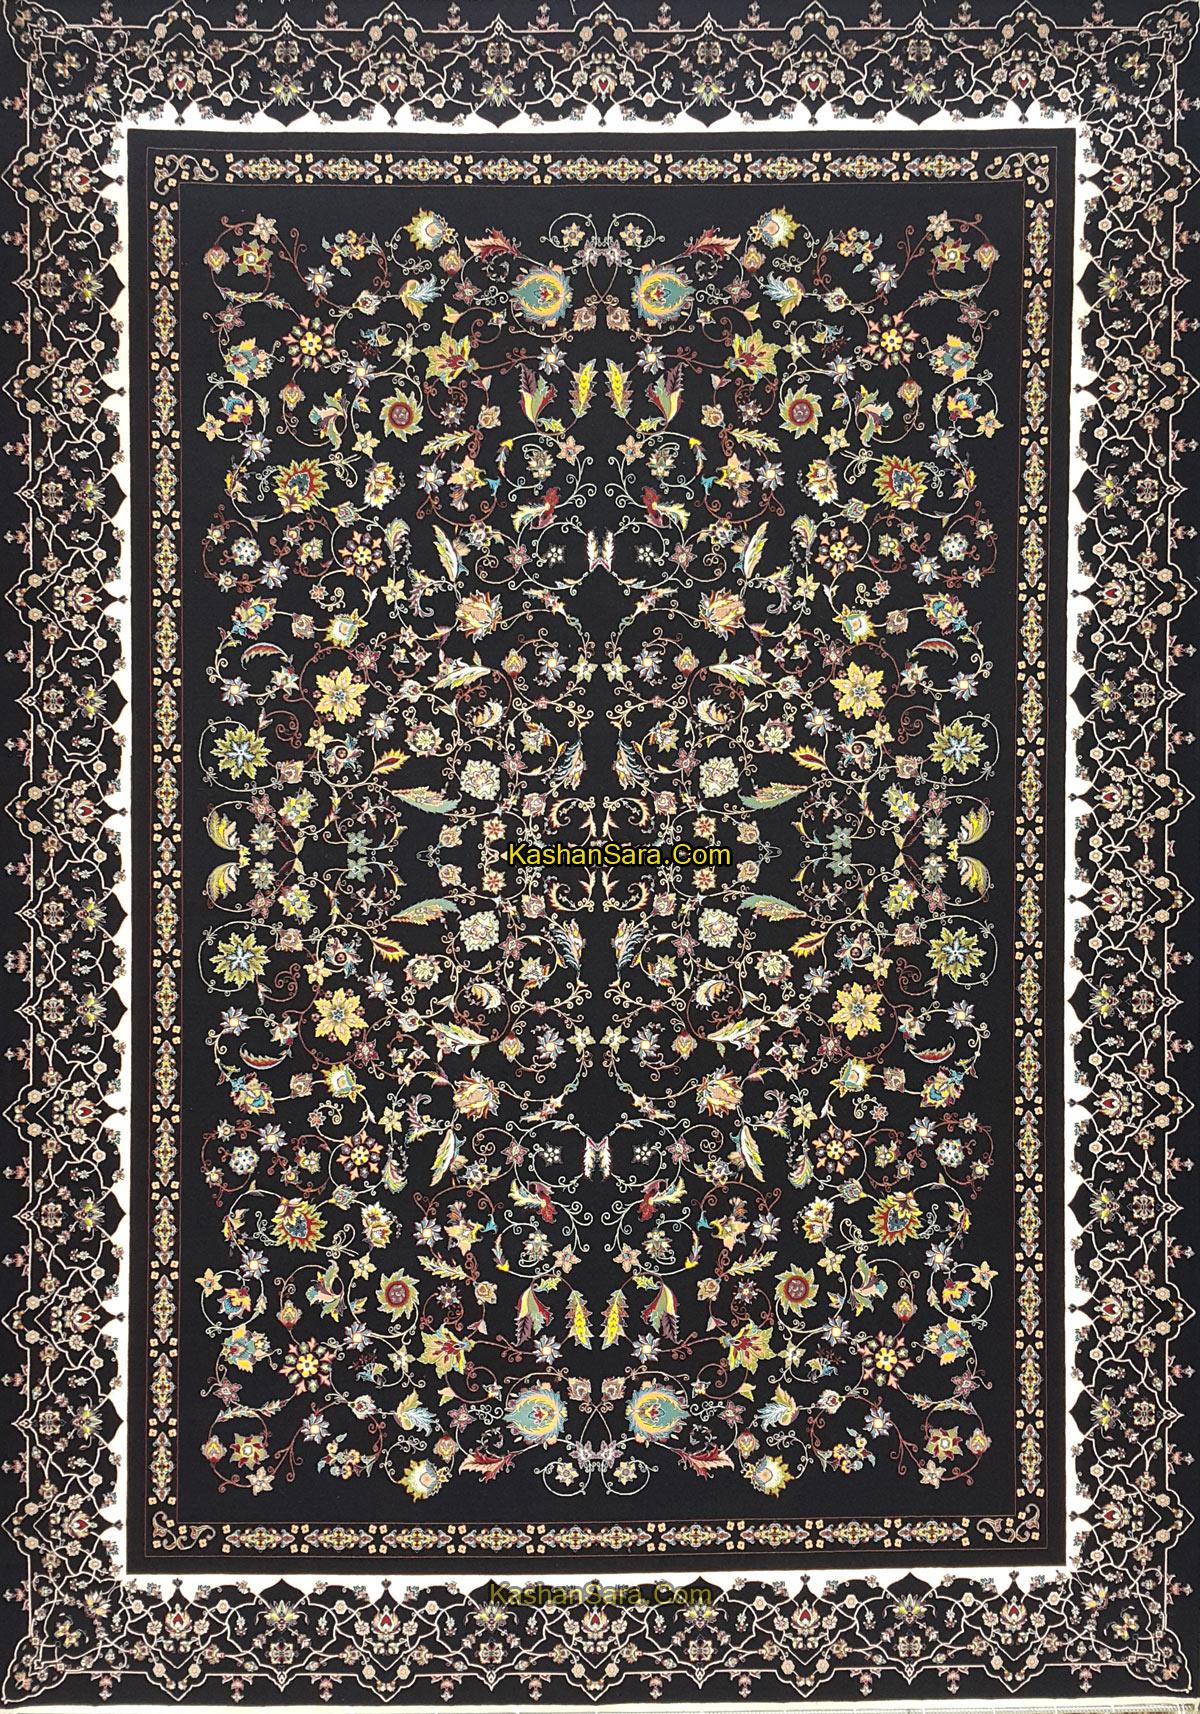 فرش ماشینی ۱۲۰۰ شانه کاشان نقشه زیبای افشان زرگل